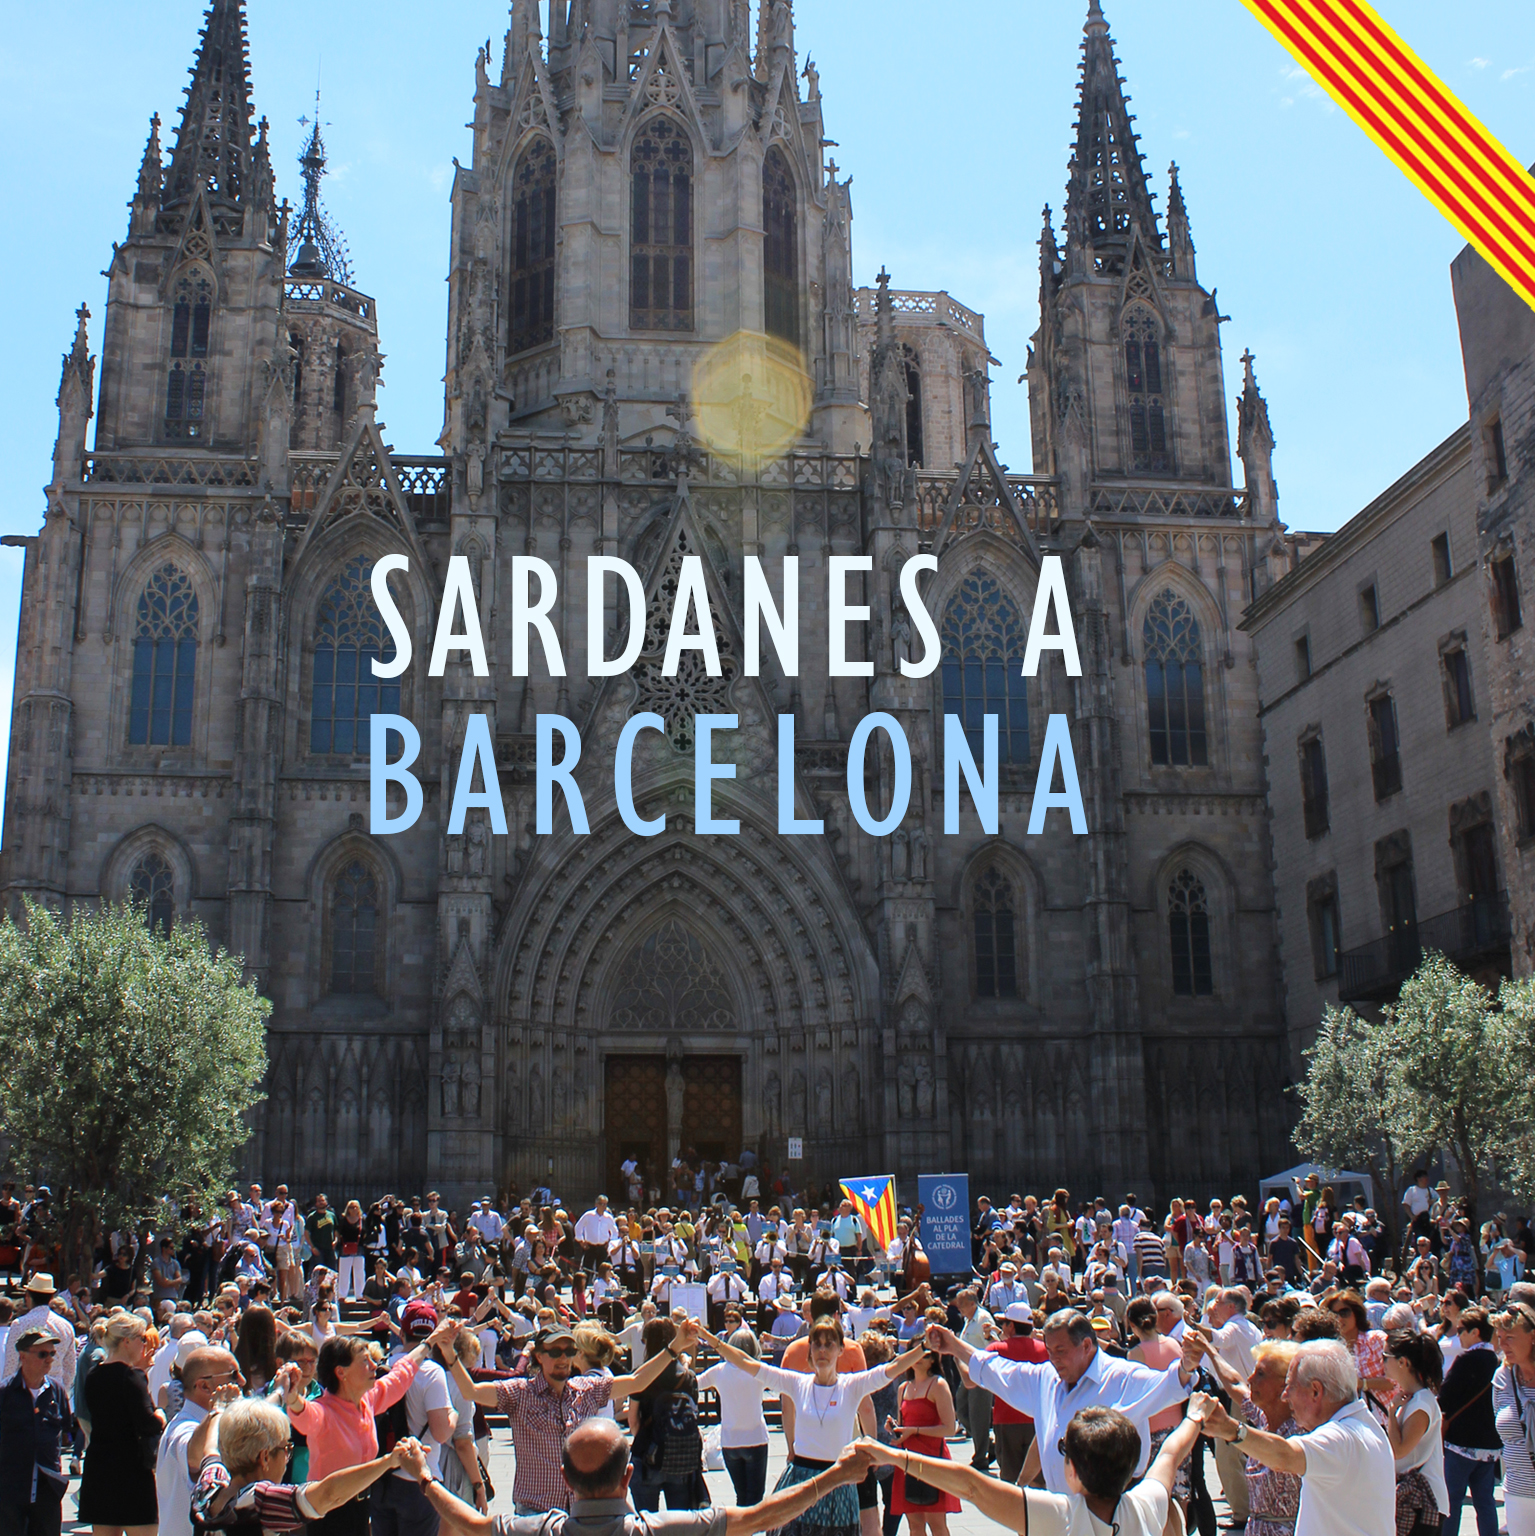 Ballada de sardanes @ Pla de la Catedral de Barcelona | Barcelona | Cataluña | Espanya